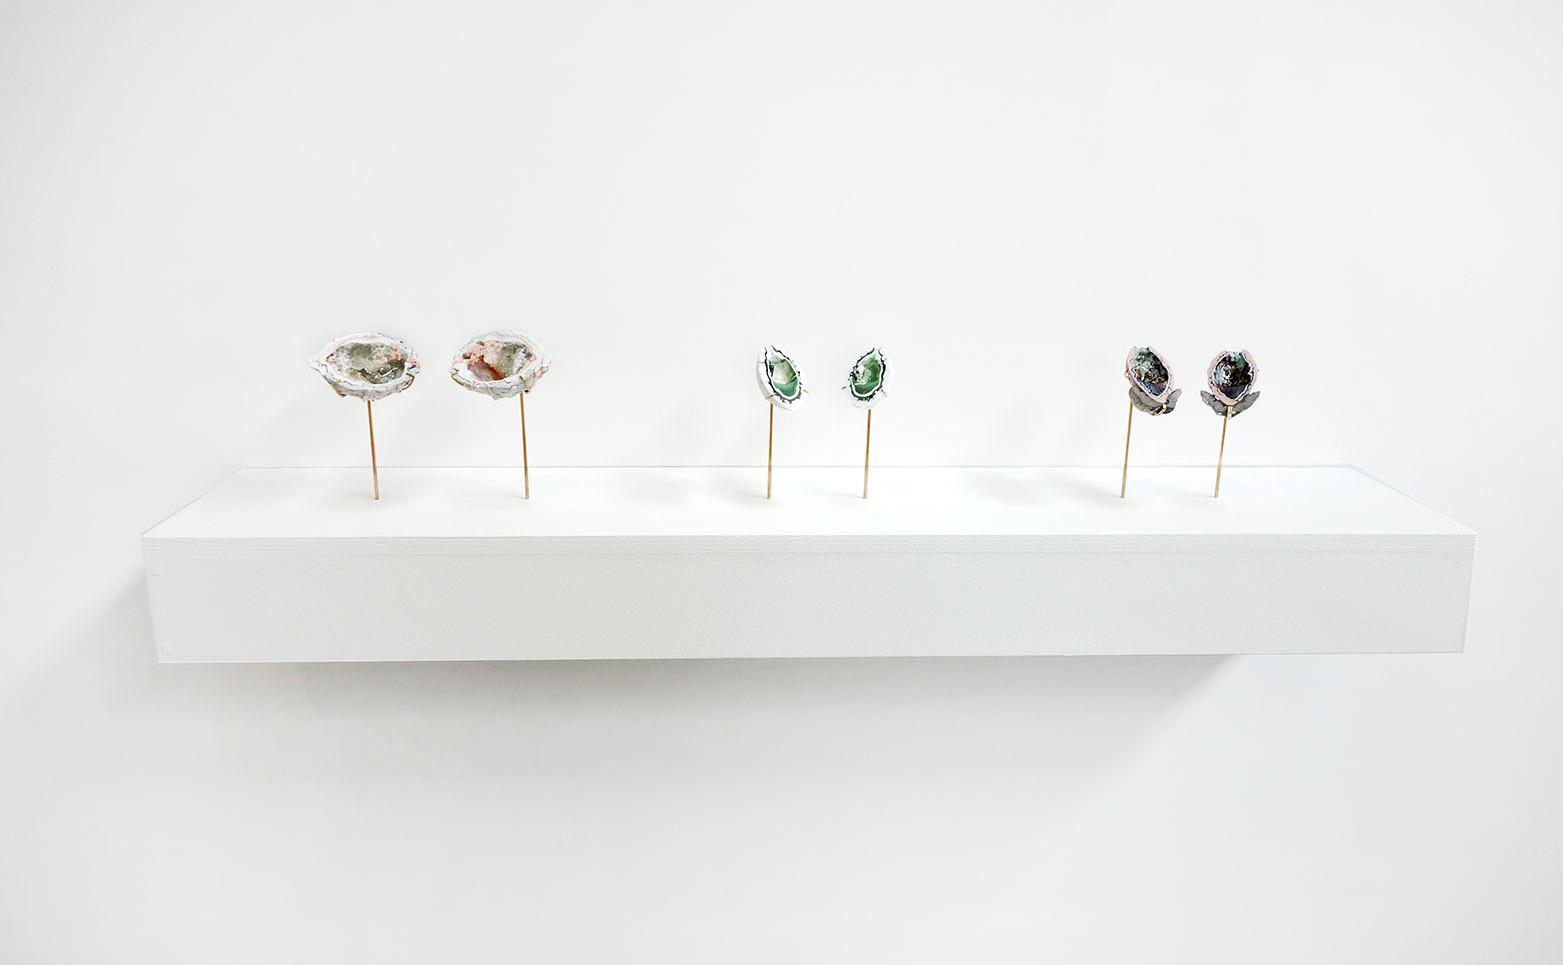 CAMILLE REIDT Strange Seeds / Xénomorphe, 2020 18 pièces en porcelaine soclées sur tiges en laiton 12 x 8 x 4,5 cm.